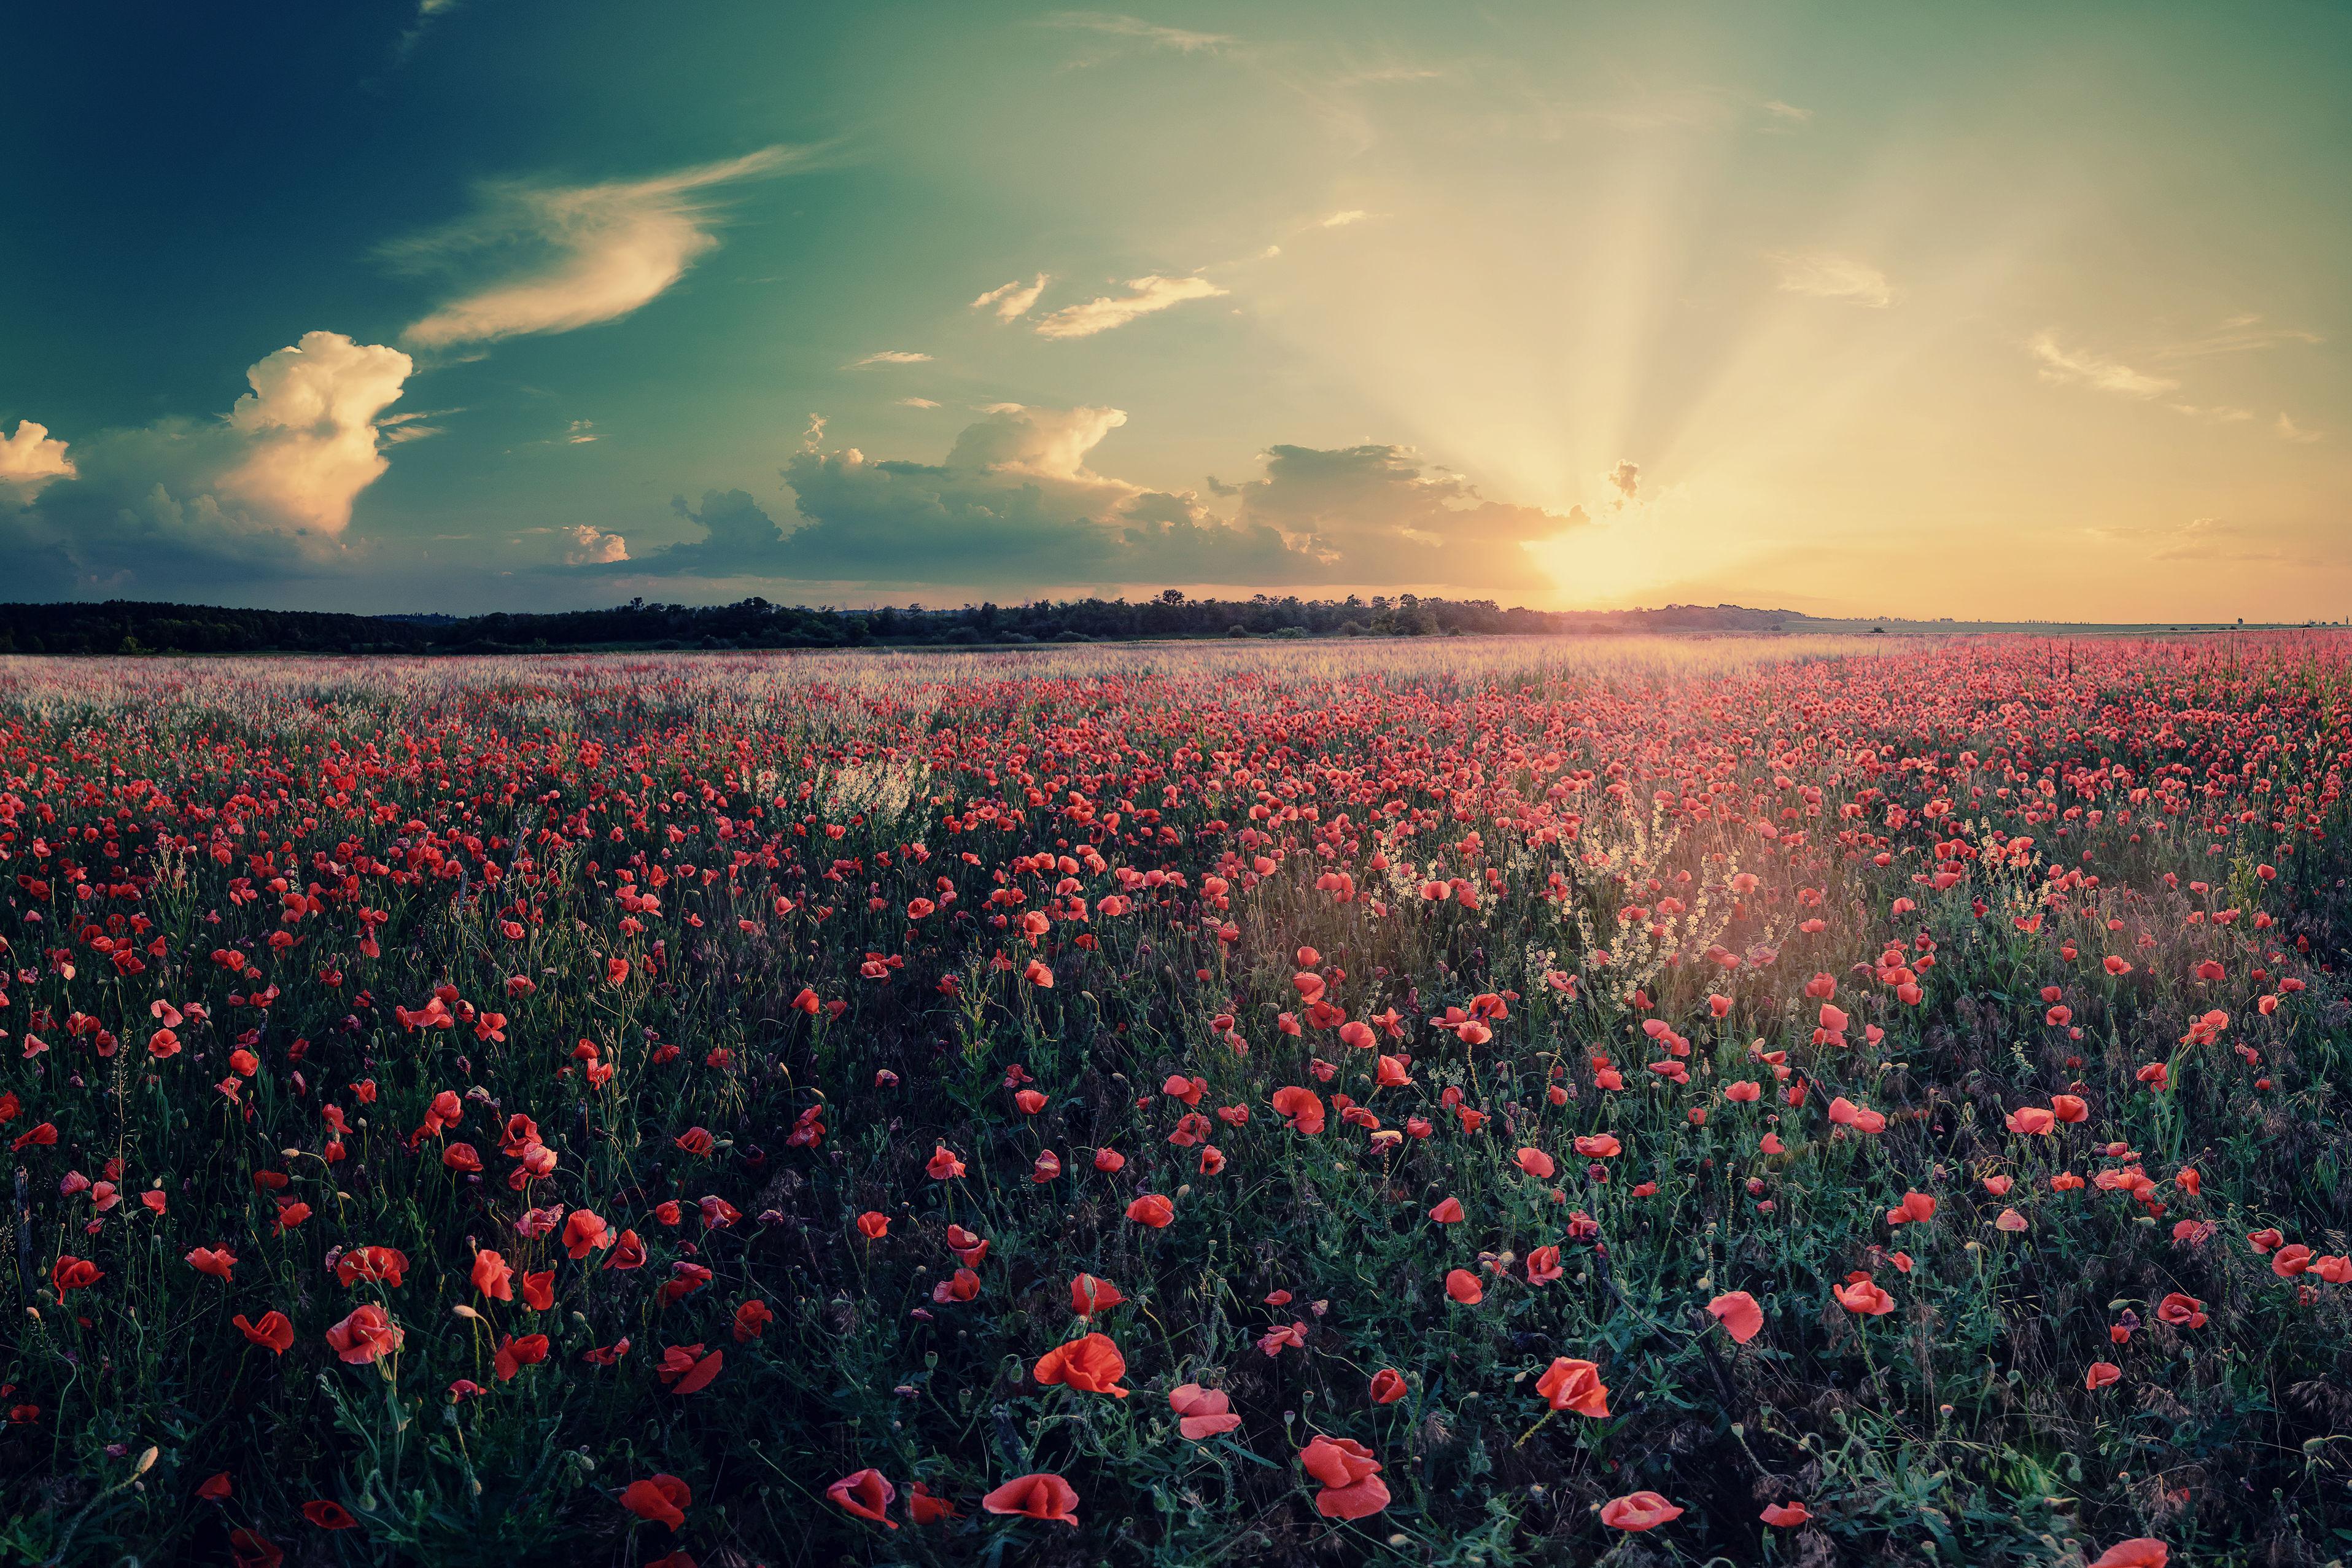 закат небо поляна цветы  № 3229833 без смс